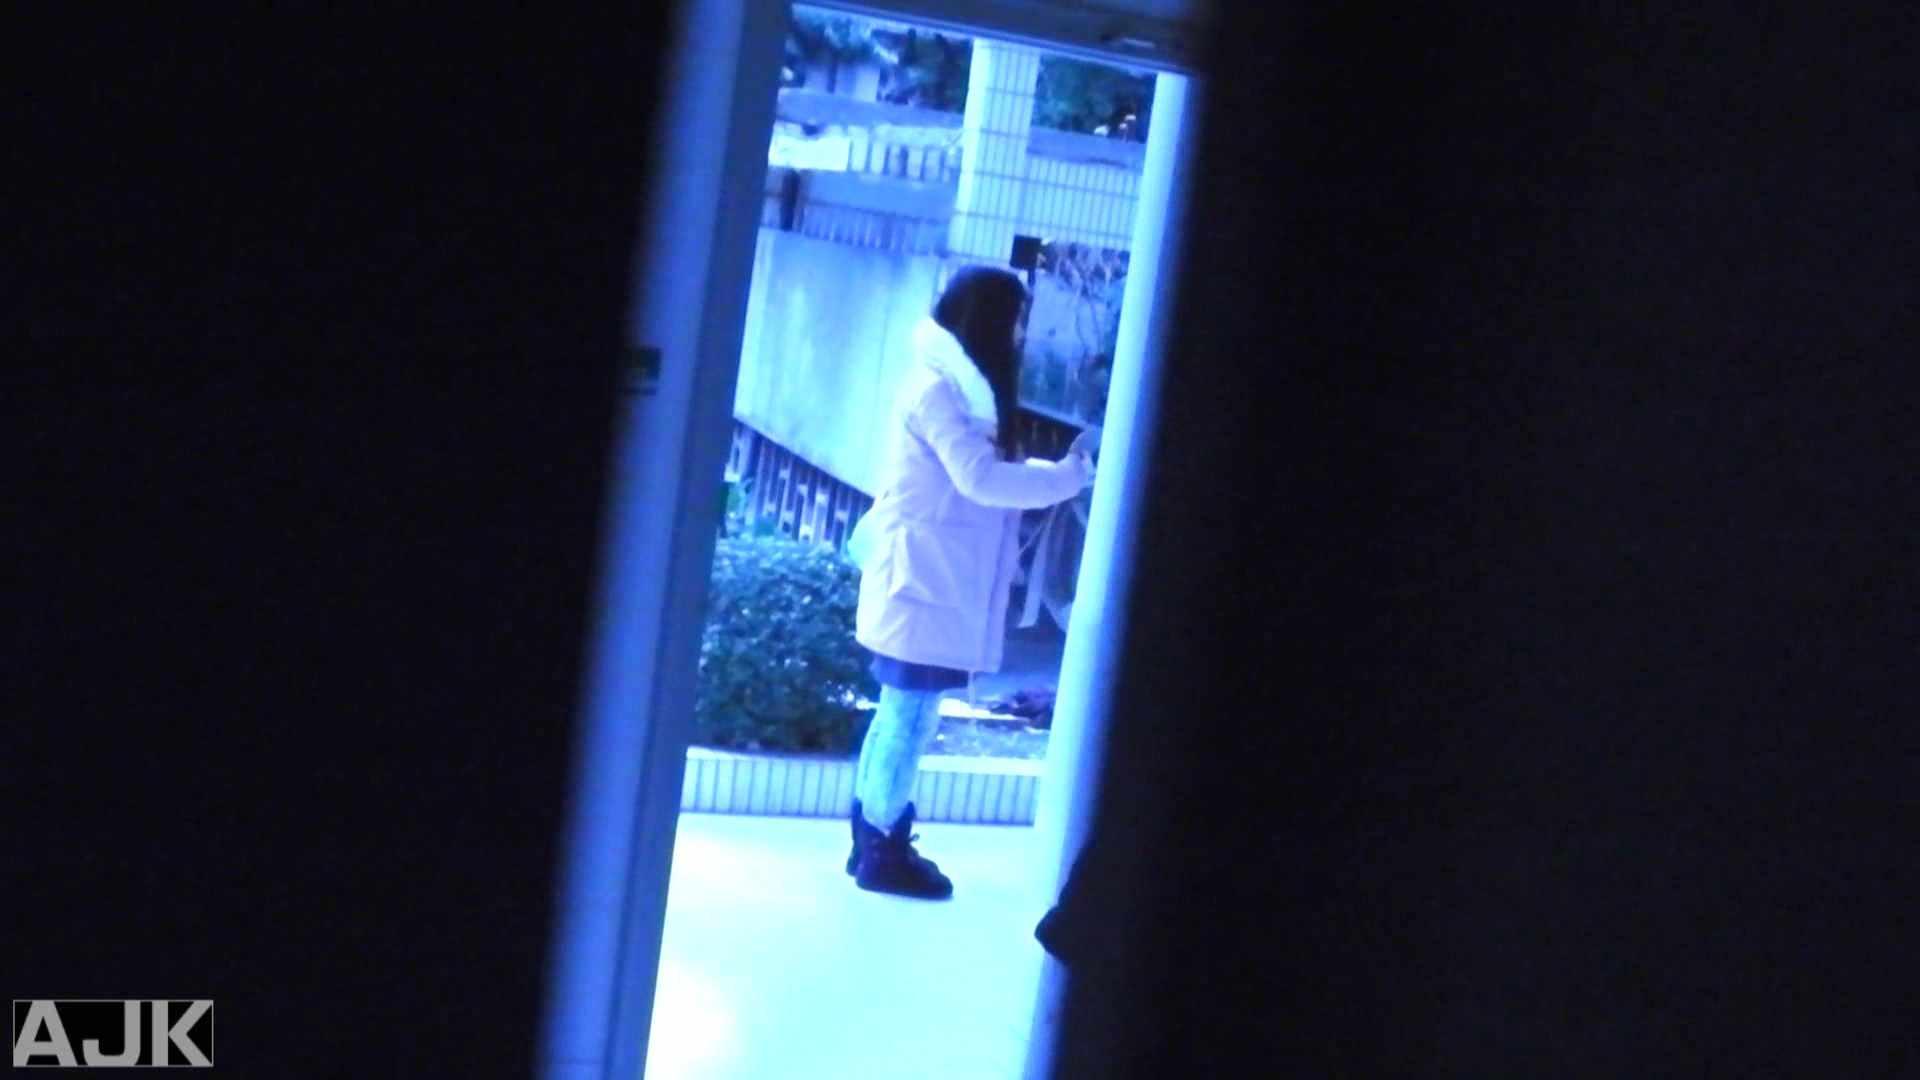 隣国上階級エリアの令嬢たちが集うデパートお手洗い Vol.07 お手洗いの中 オメコ動画キャプチャ 111枚 7